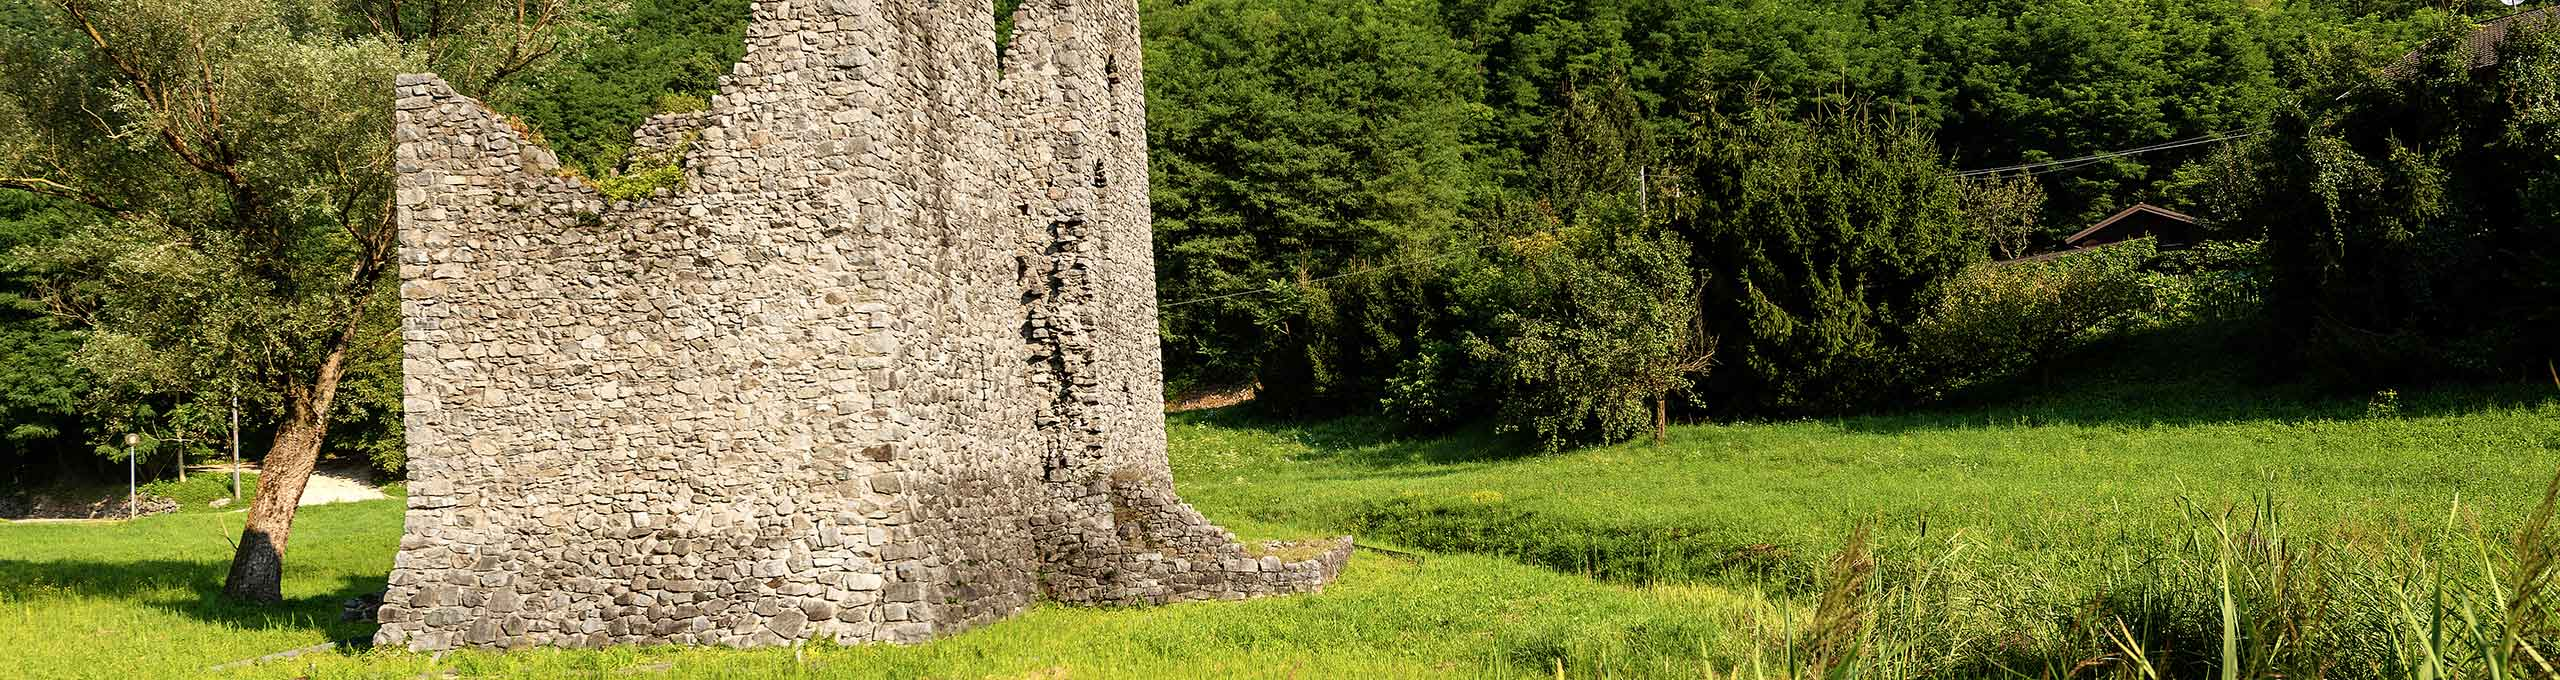 Torre di Torquada, fortezza romana